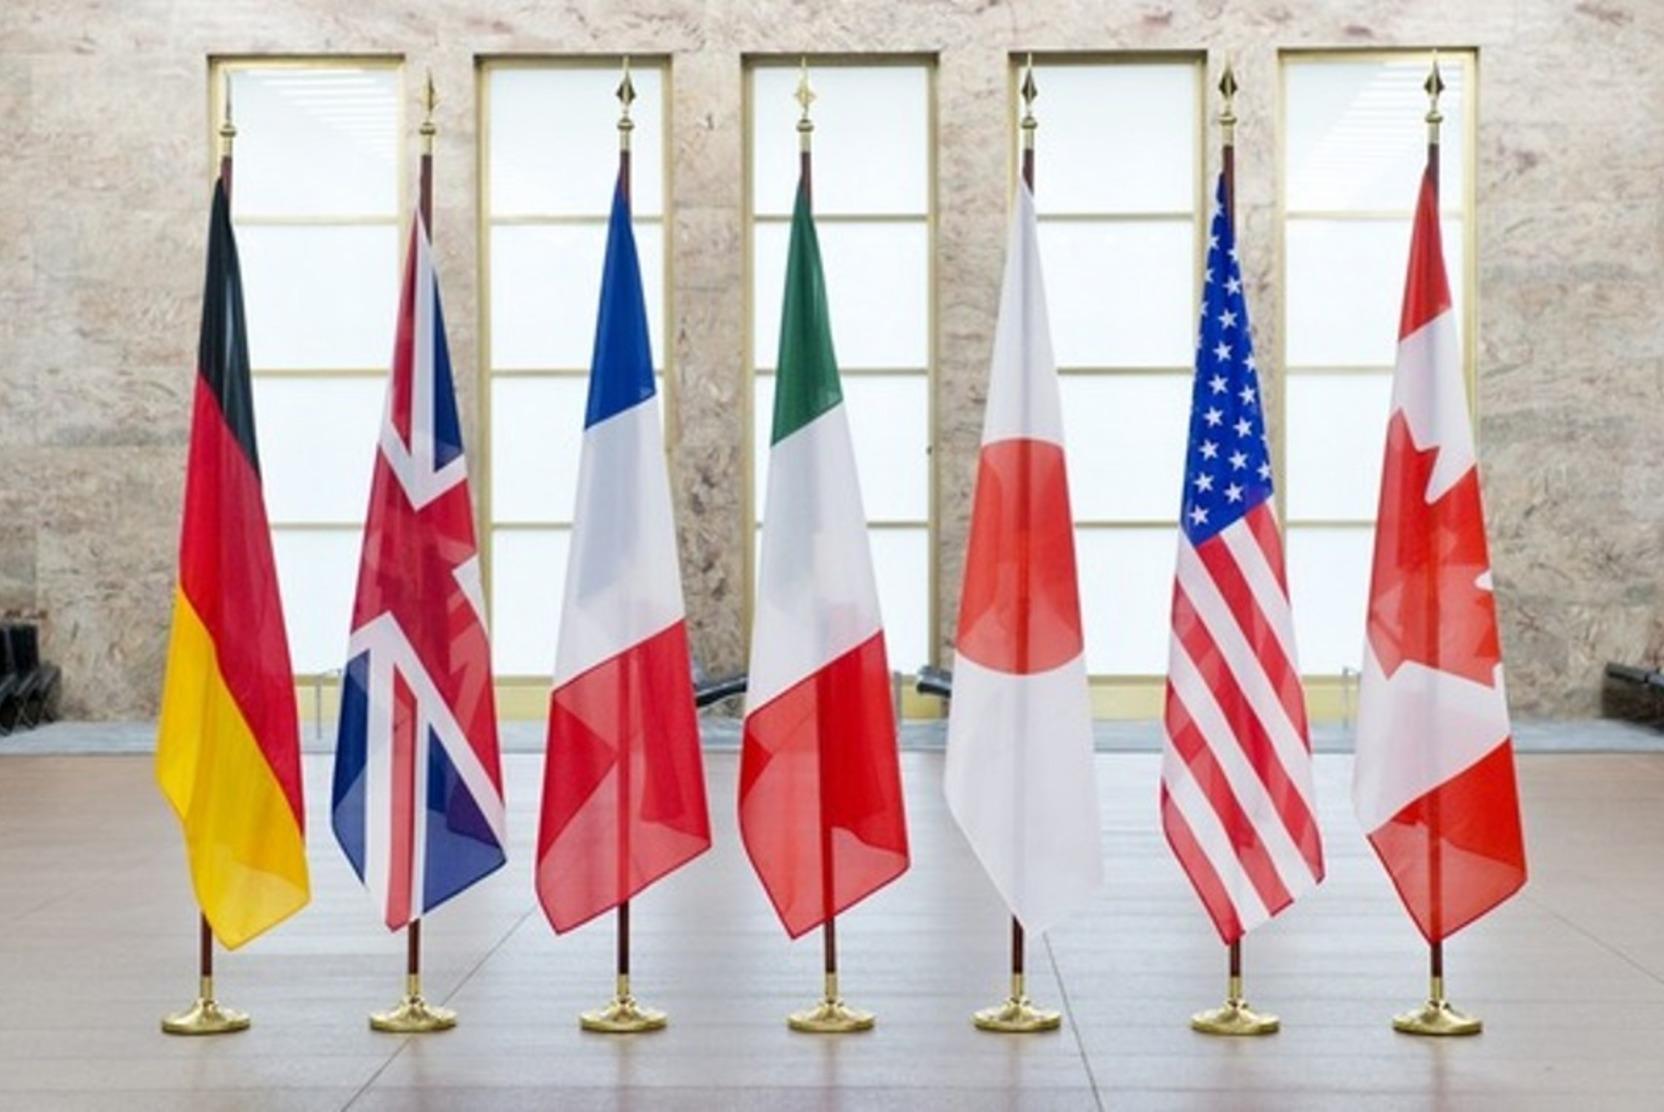 СМИ: Глава МИД Японии призвал G7 к совместному подходу в отношении России